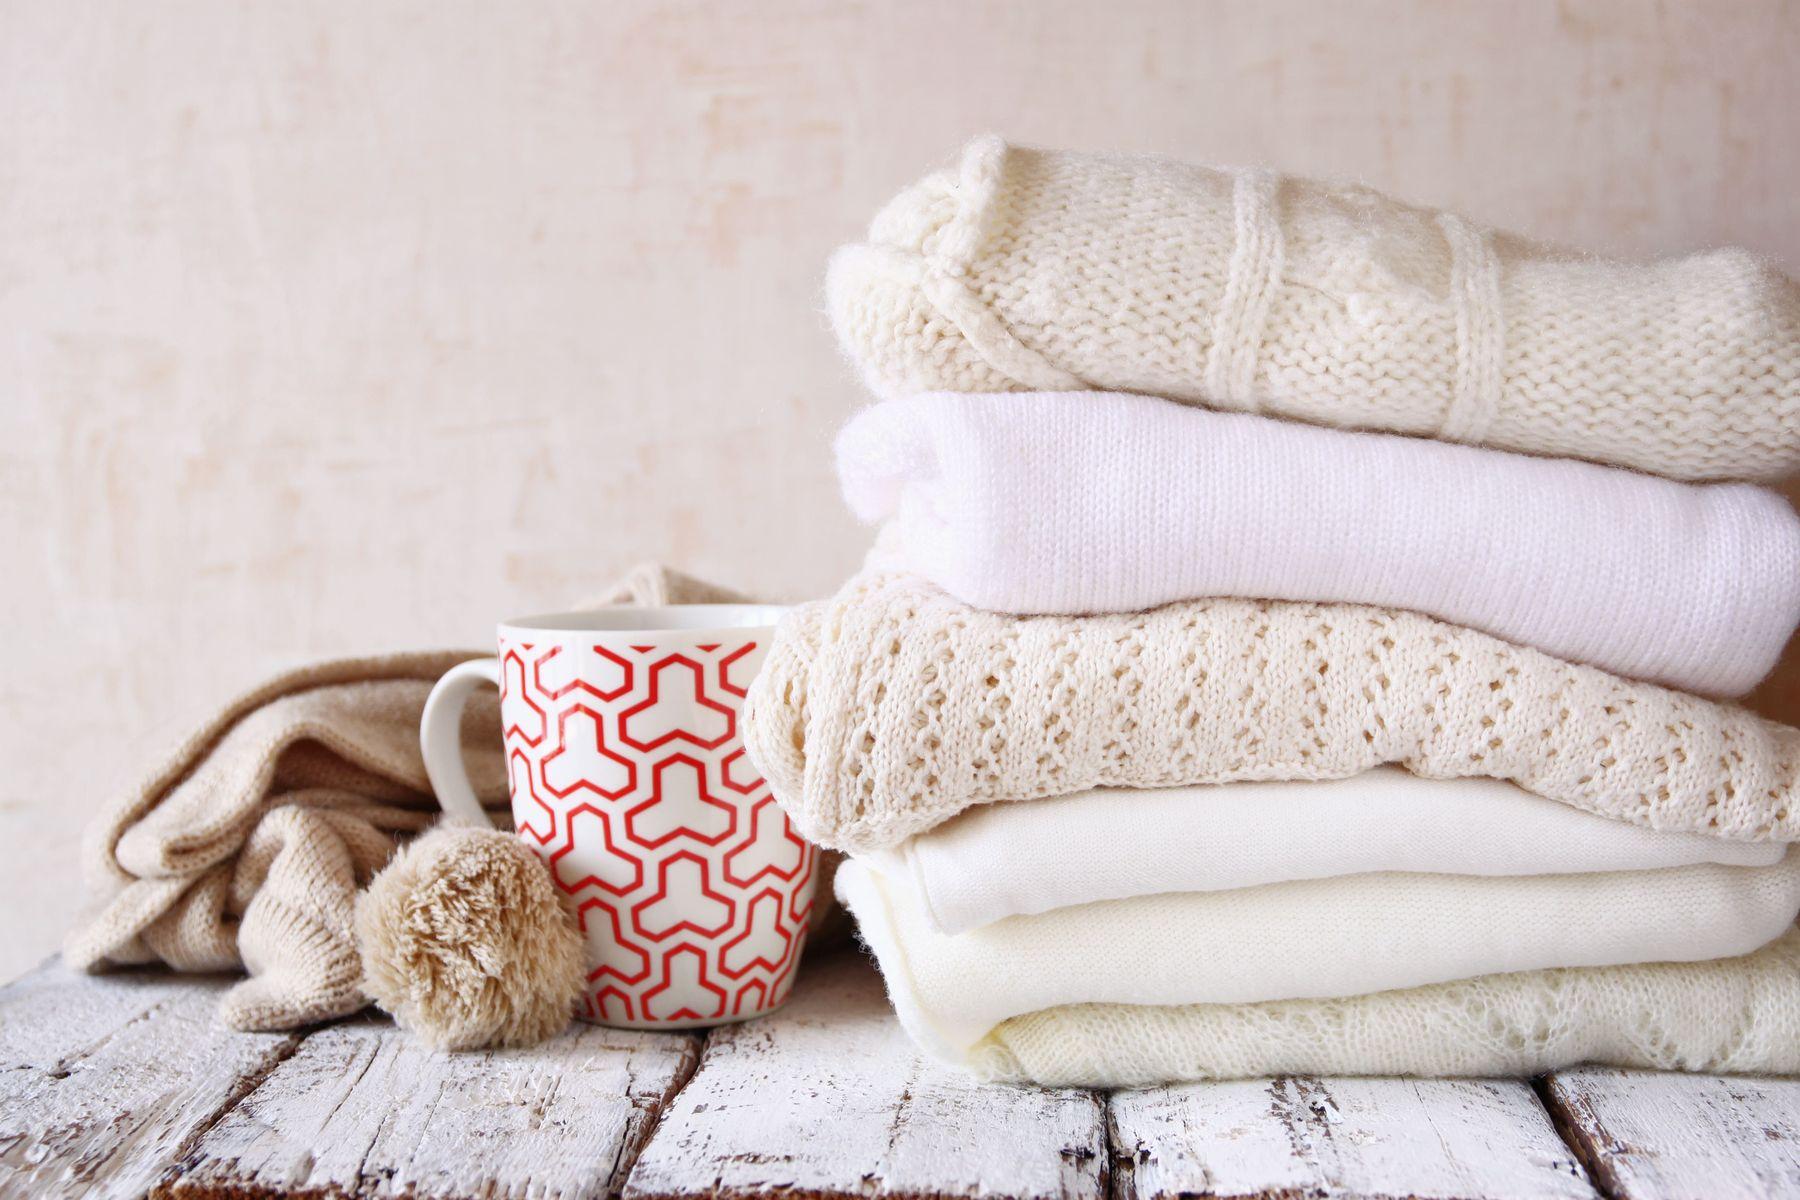 Cách giặt áo len bền màu, giữ dáng bạn không nên bỏ qua